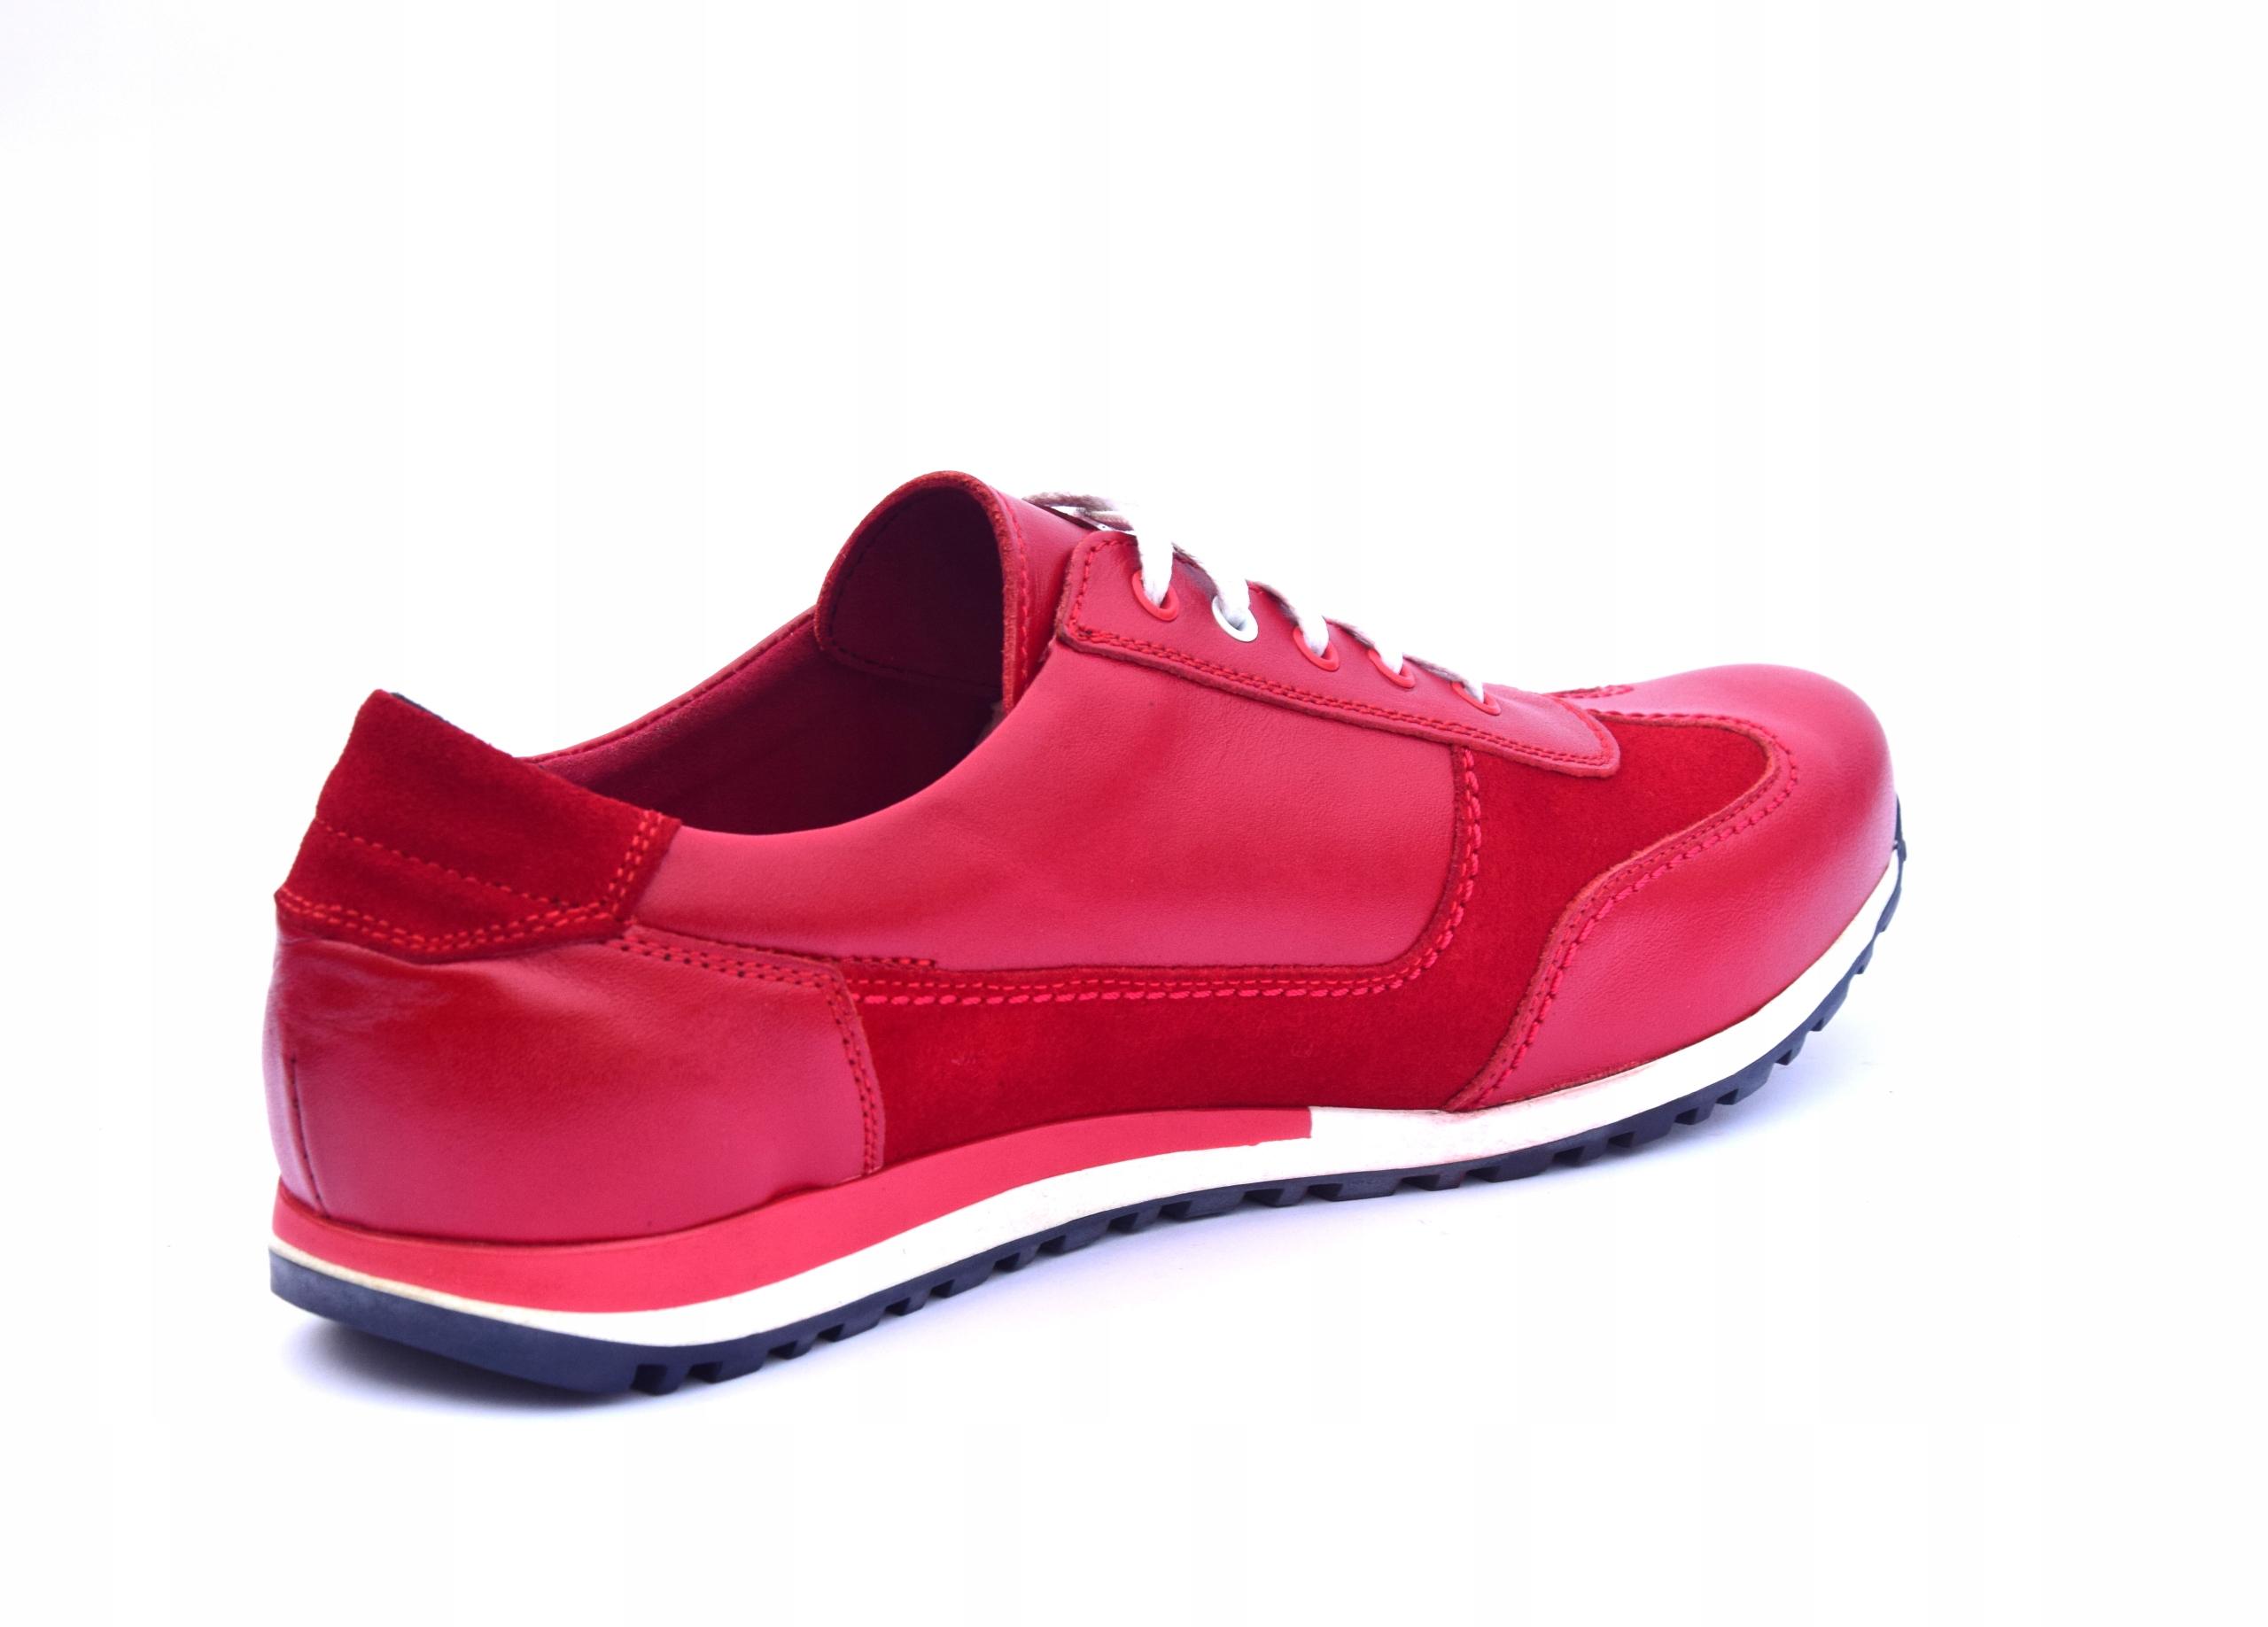 Buty skórzane czerwone obuwie ze skóry PL 294 Materiał wkładki skóra naturalna